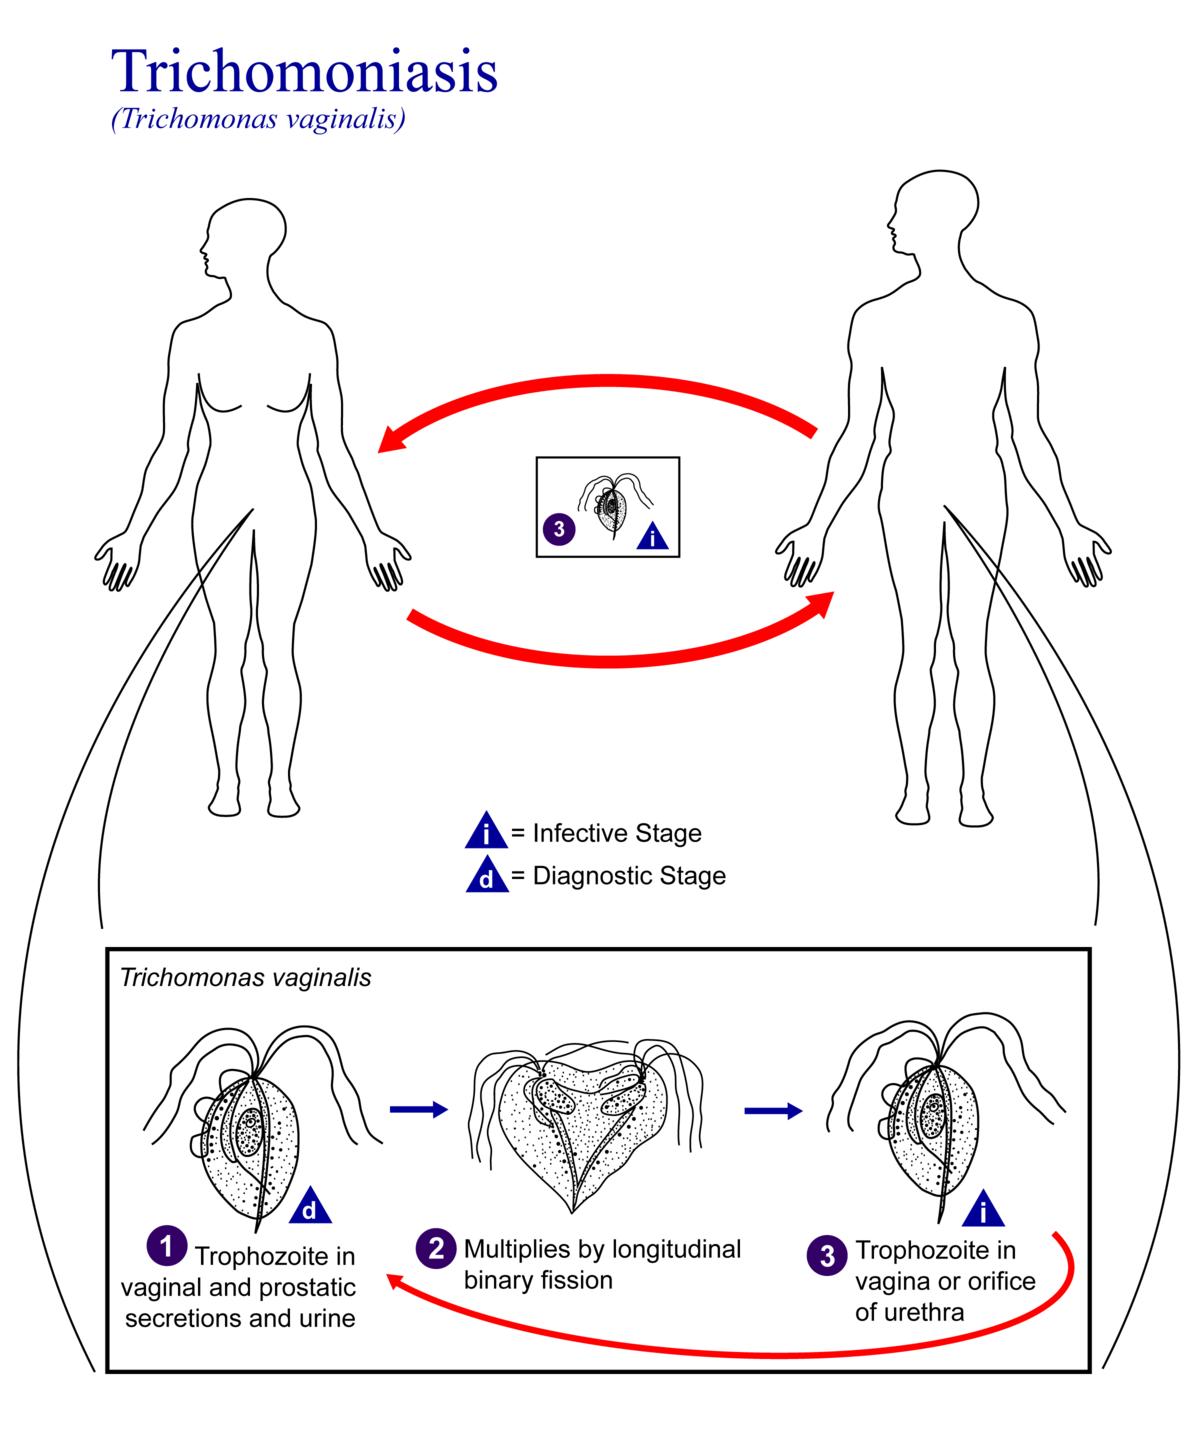 ostorféreg betegség tricho